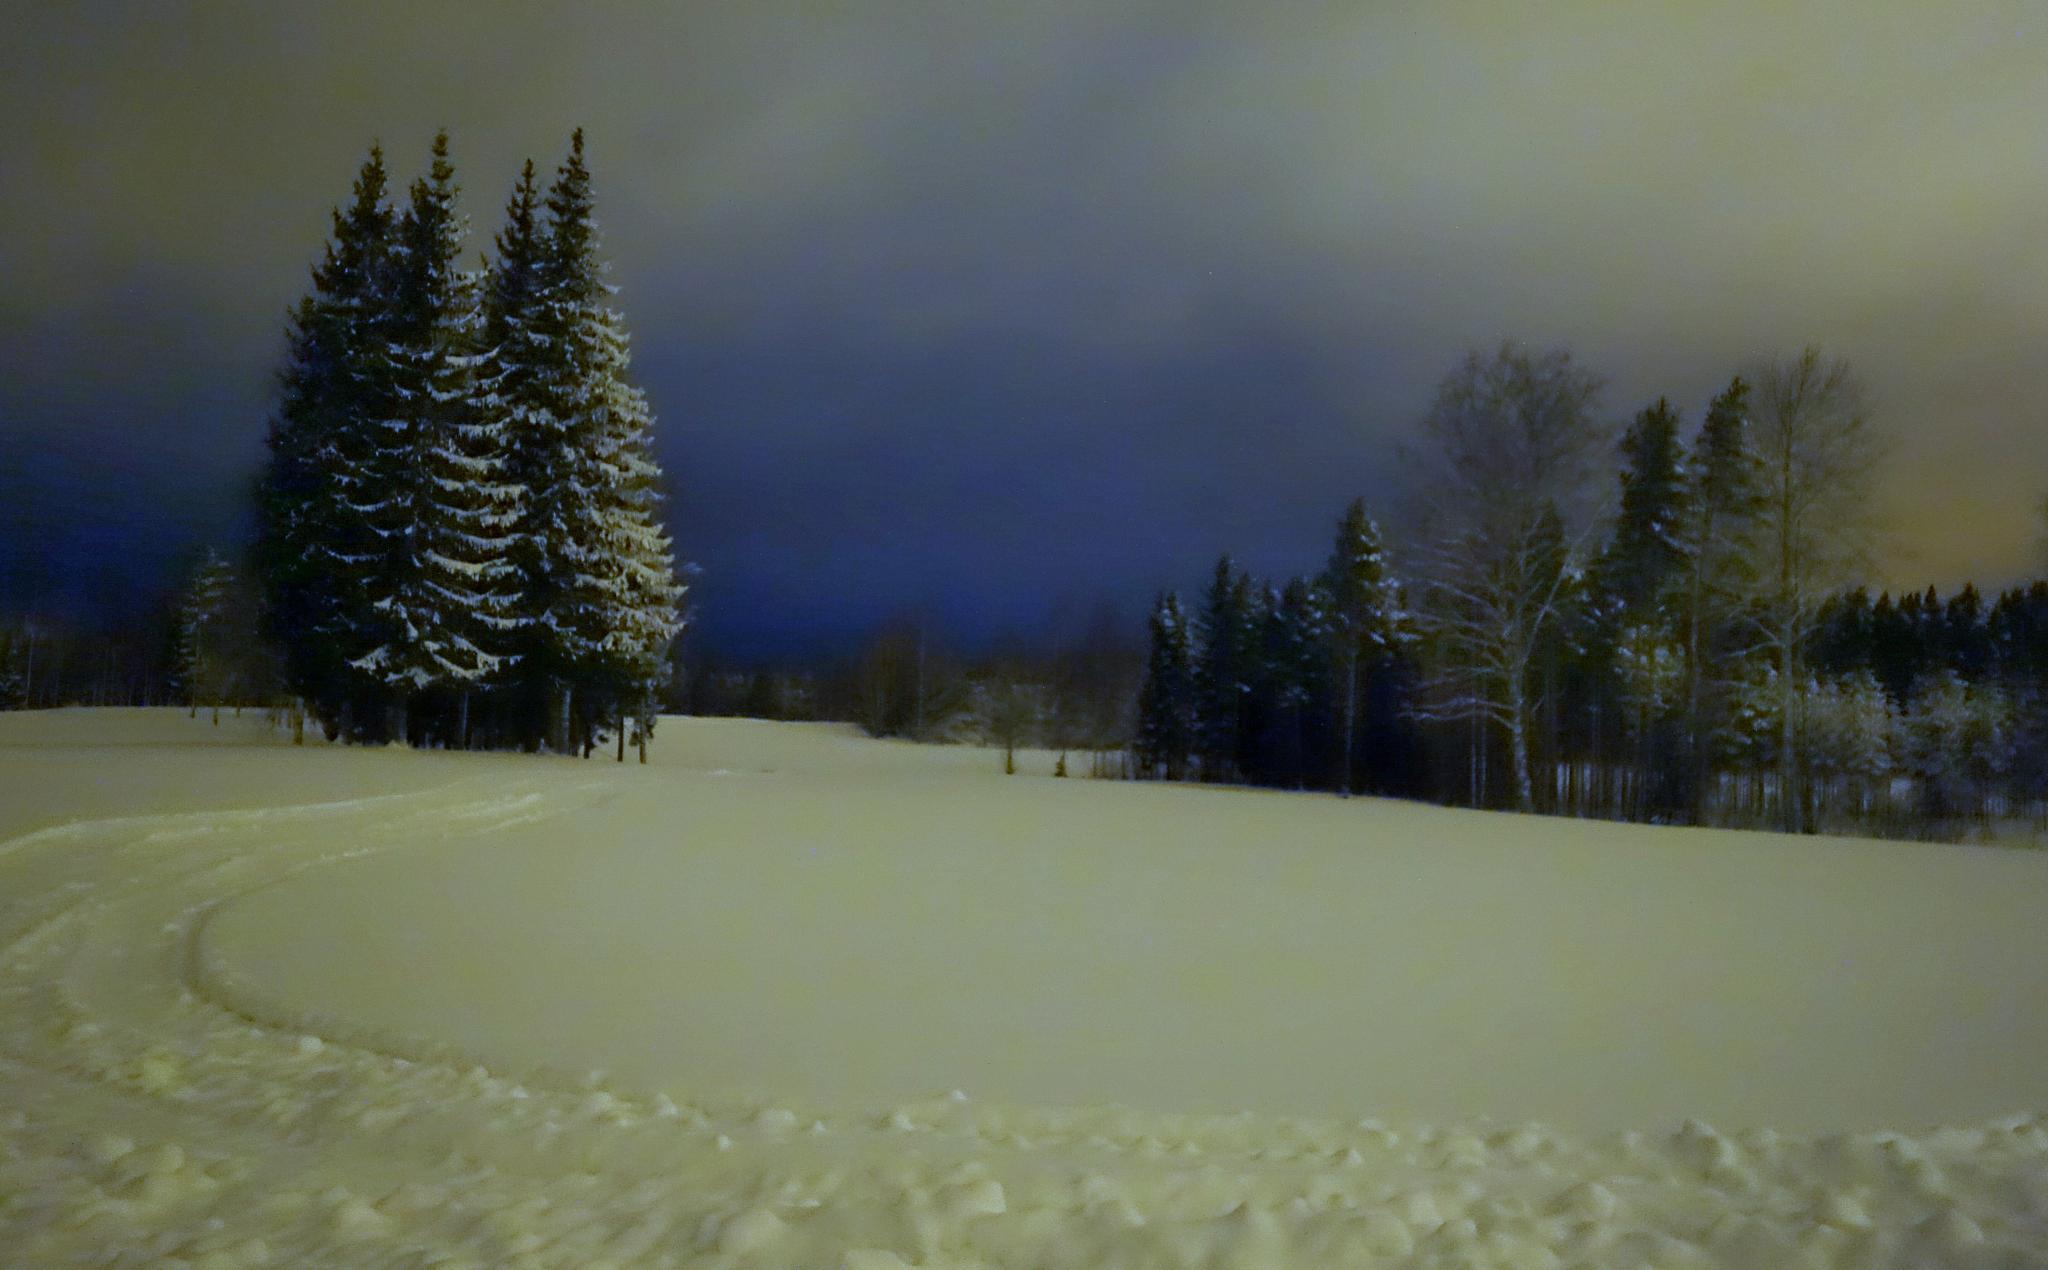 Fir spruces at night. by Hannu Pulkkinen